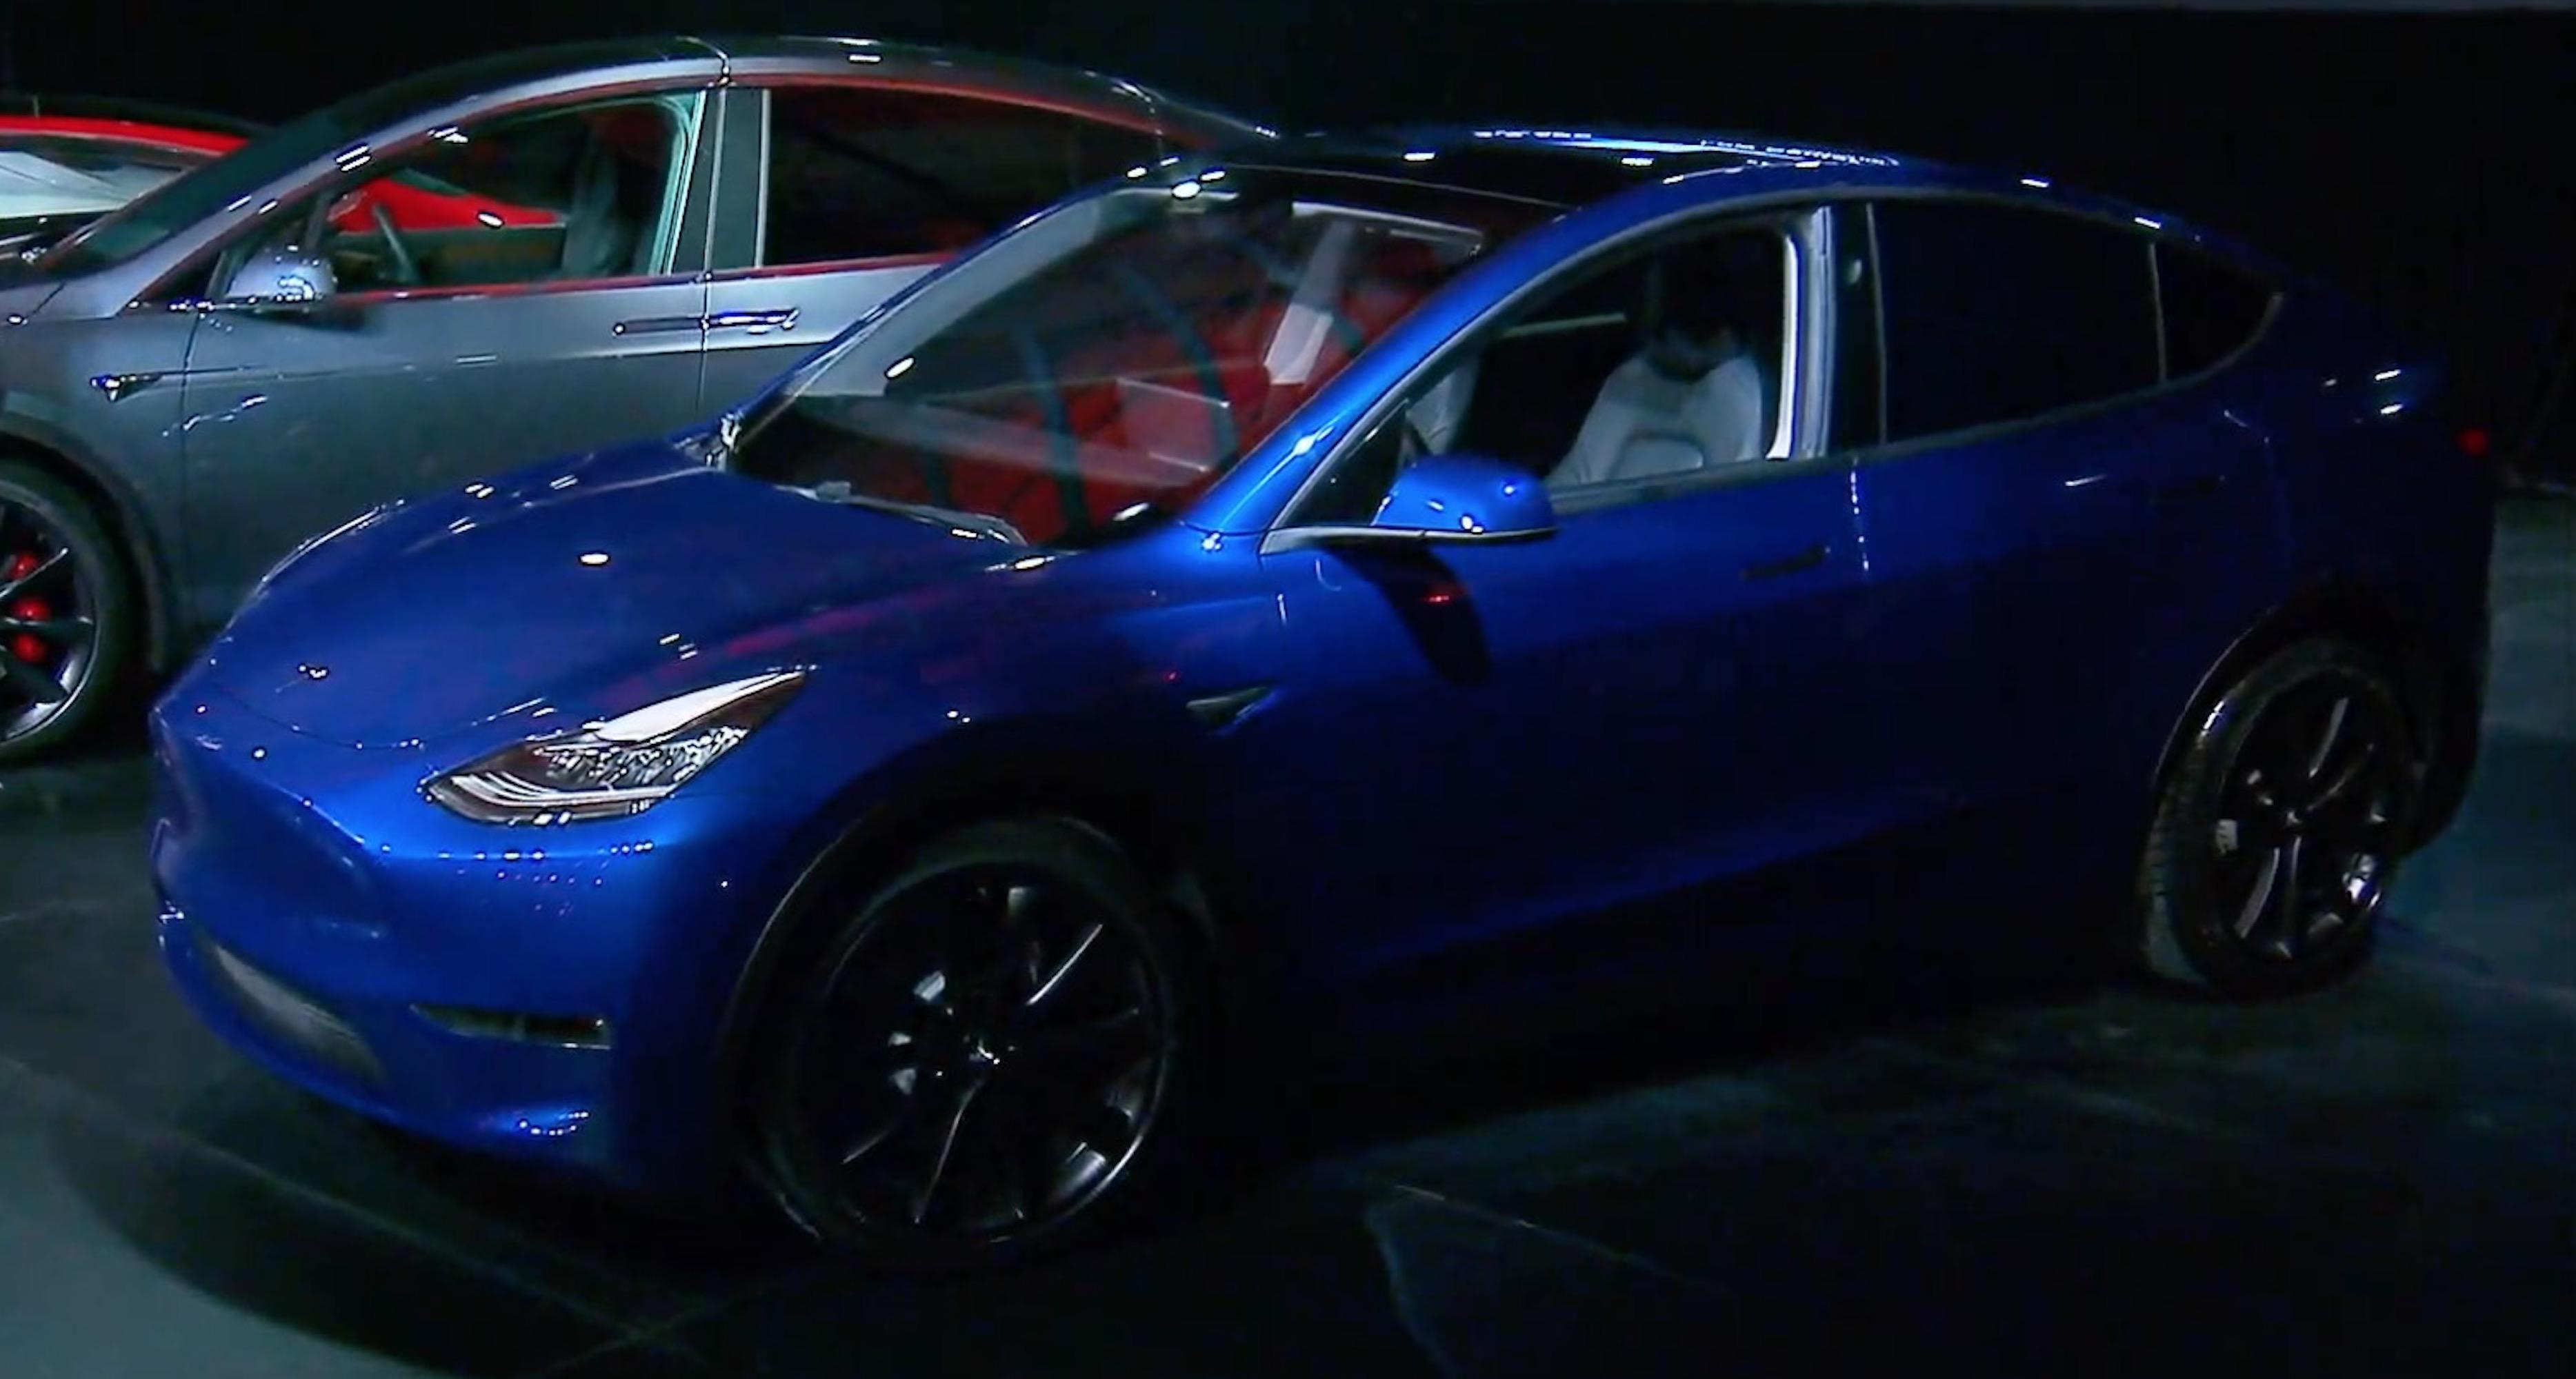 特斯拉今日发布入门级SUV Model Y:起价39000美元的照片 - 3